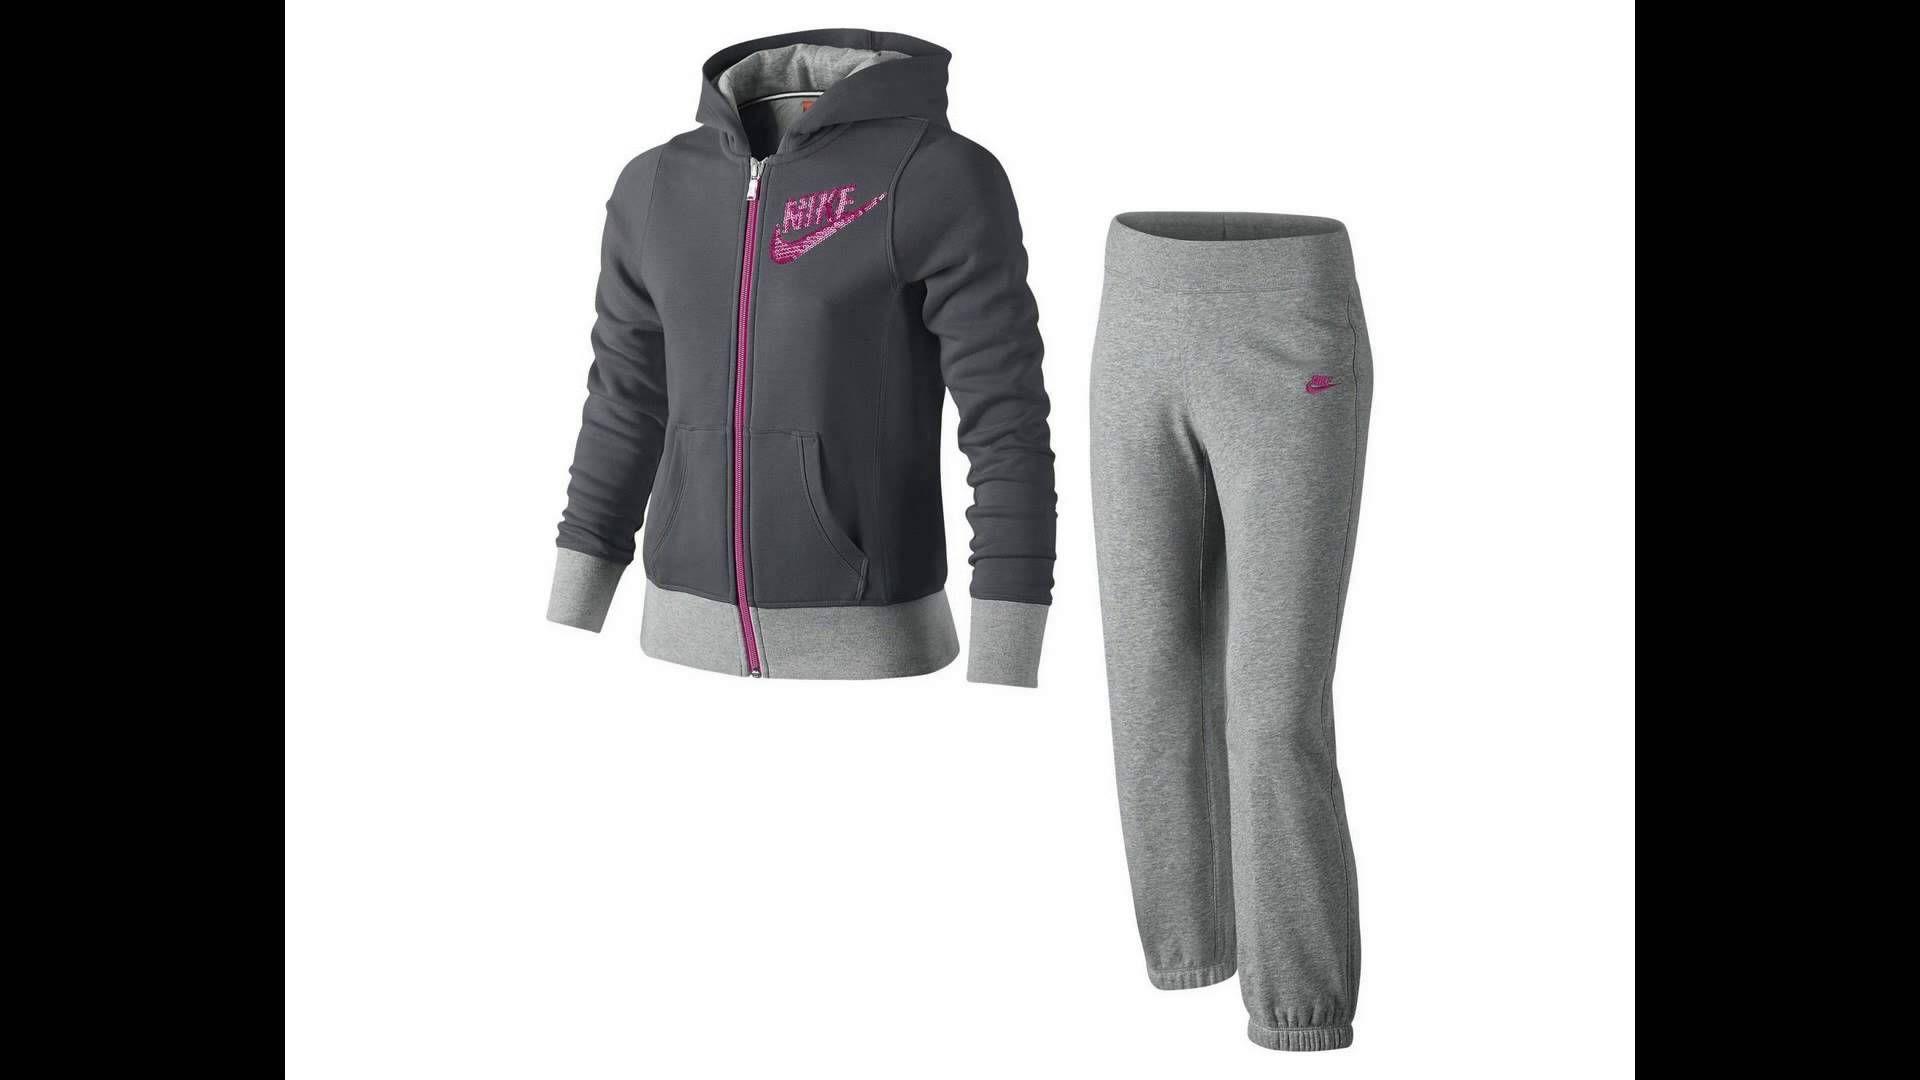 Nike Çocuk Bayan Spor Eşortman Modelleri 2015 http://www.vipcocuk.com/cocuk-spor-ve-gunluk-giyim vipcocuk.com'da satılan tüm markalar/ürünler Orjinaldir ve adınıza faturalandırılmaktadır.   vipcocuk.com bir KORAYSPOR iştirakidir.